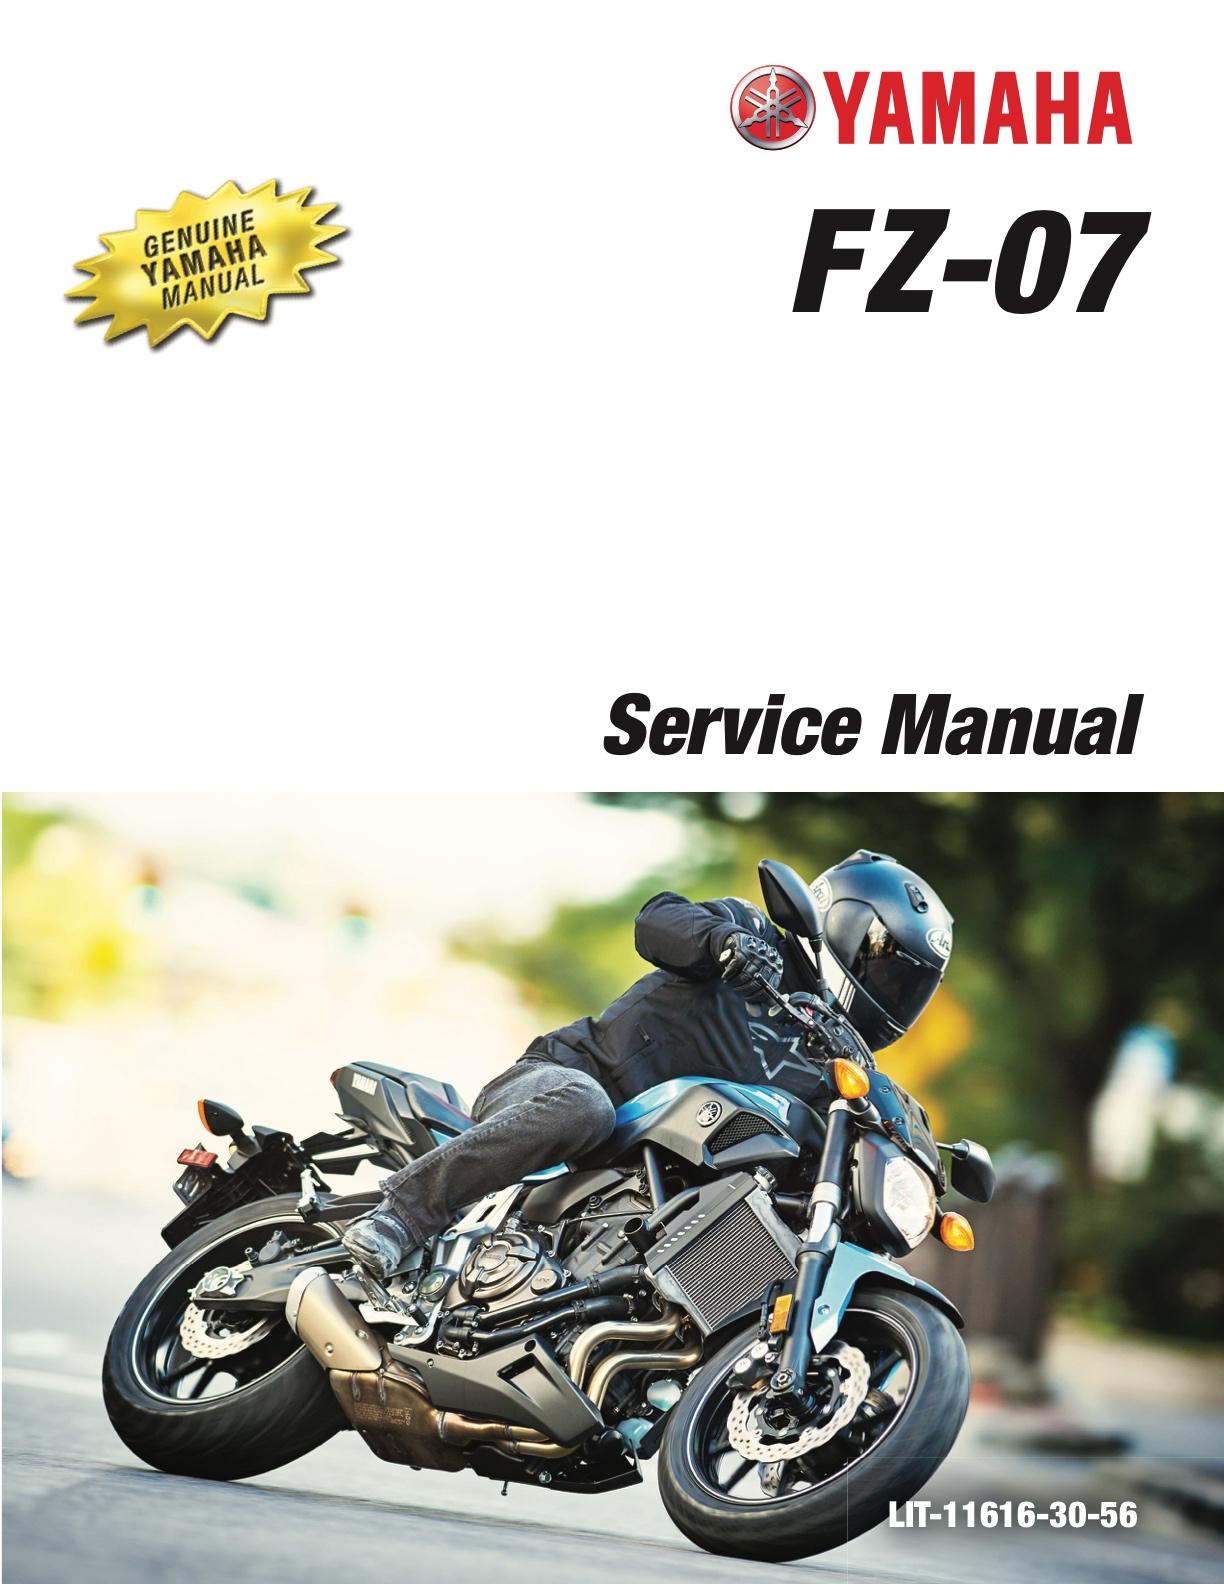 yamaha fz07 abs mt07 abs 2017 workshop repair service manual rh yamaha manuals cc yamaha yht-s400 manual pdf yamaha soundbar yht s400 manual